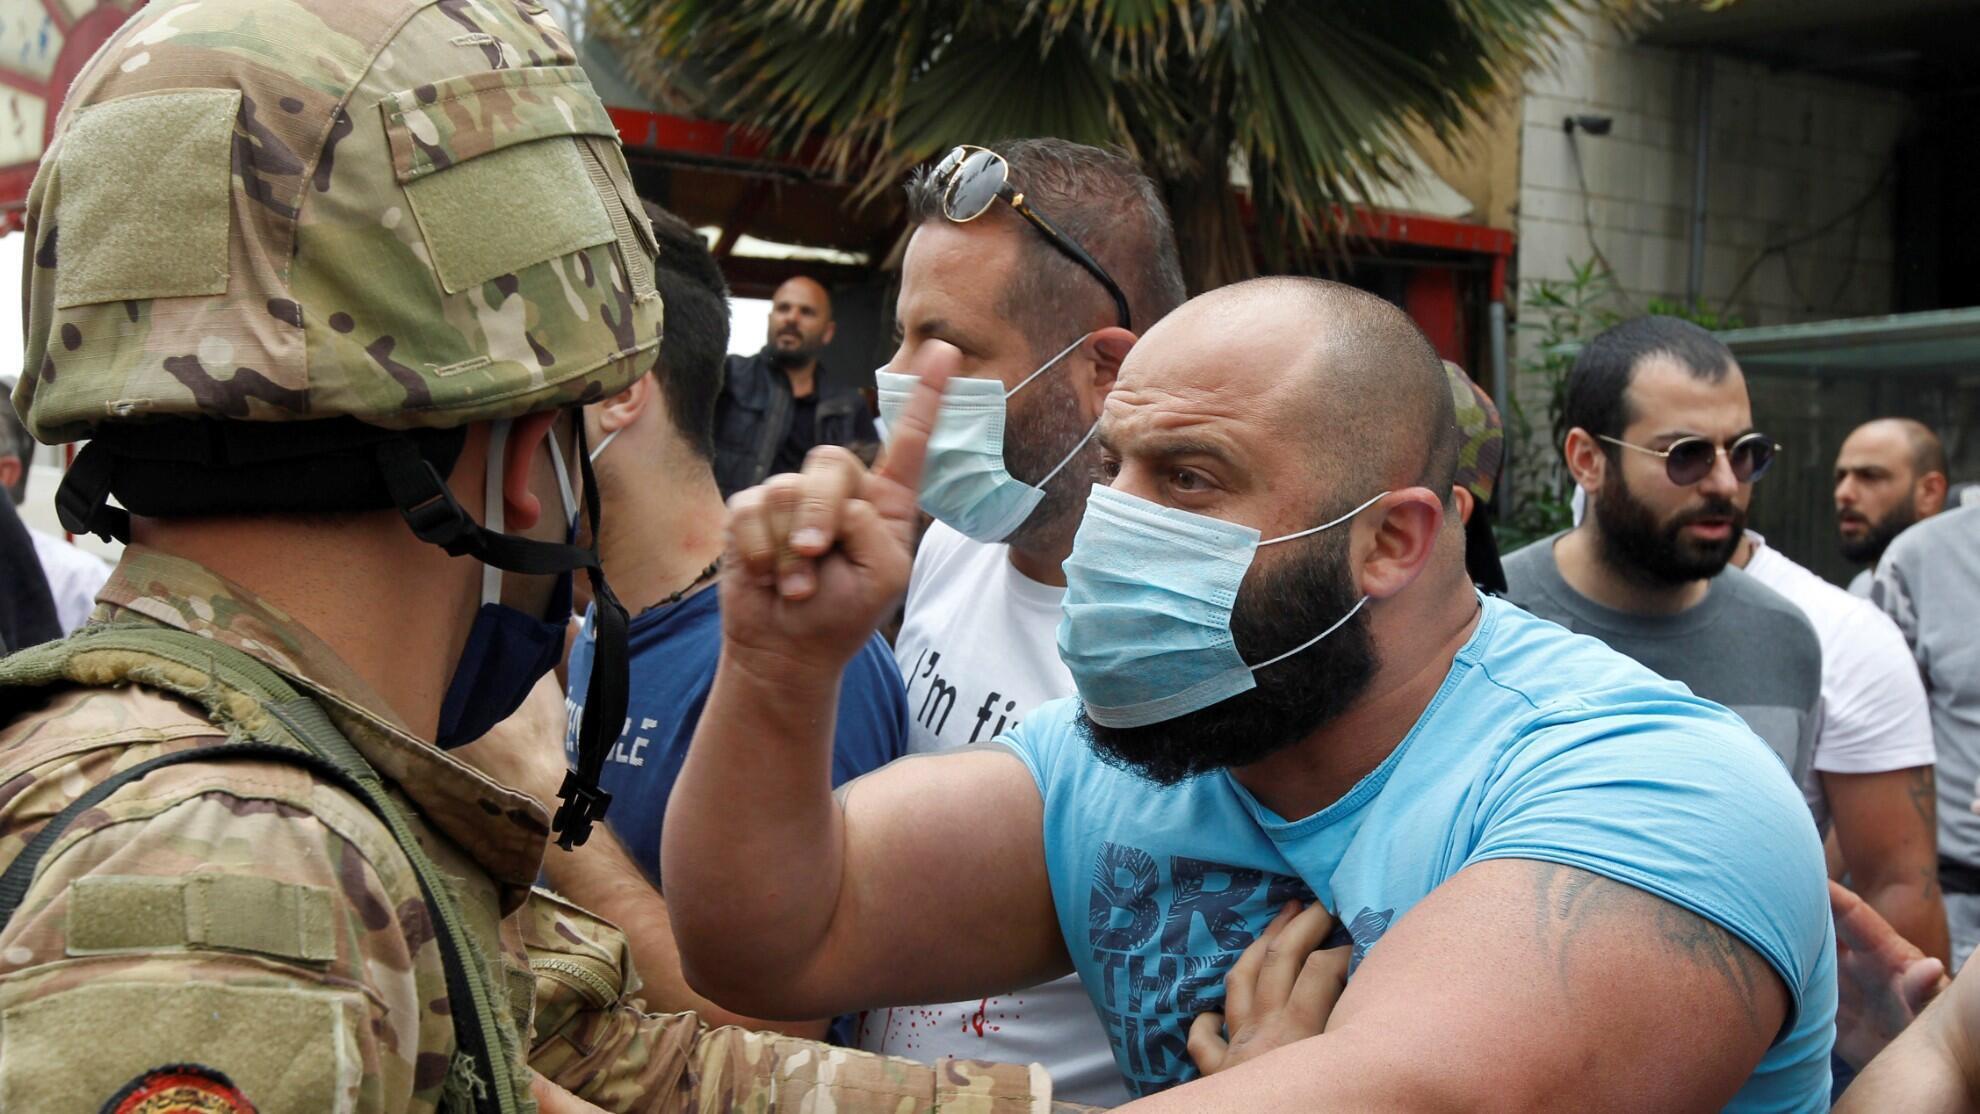 Un manifestante protesta contra un soldado libanés en Zouk, al norte de Beirut, el 27 de abril de 2020